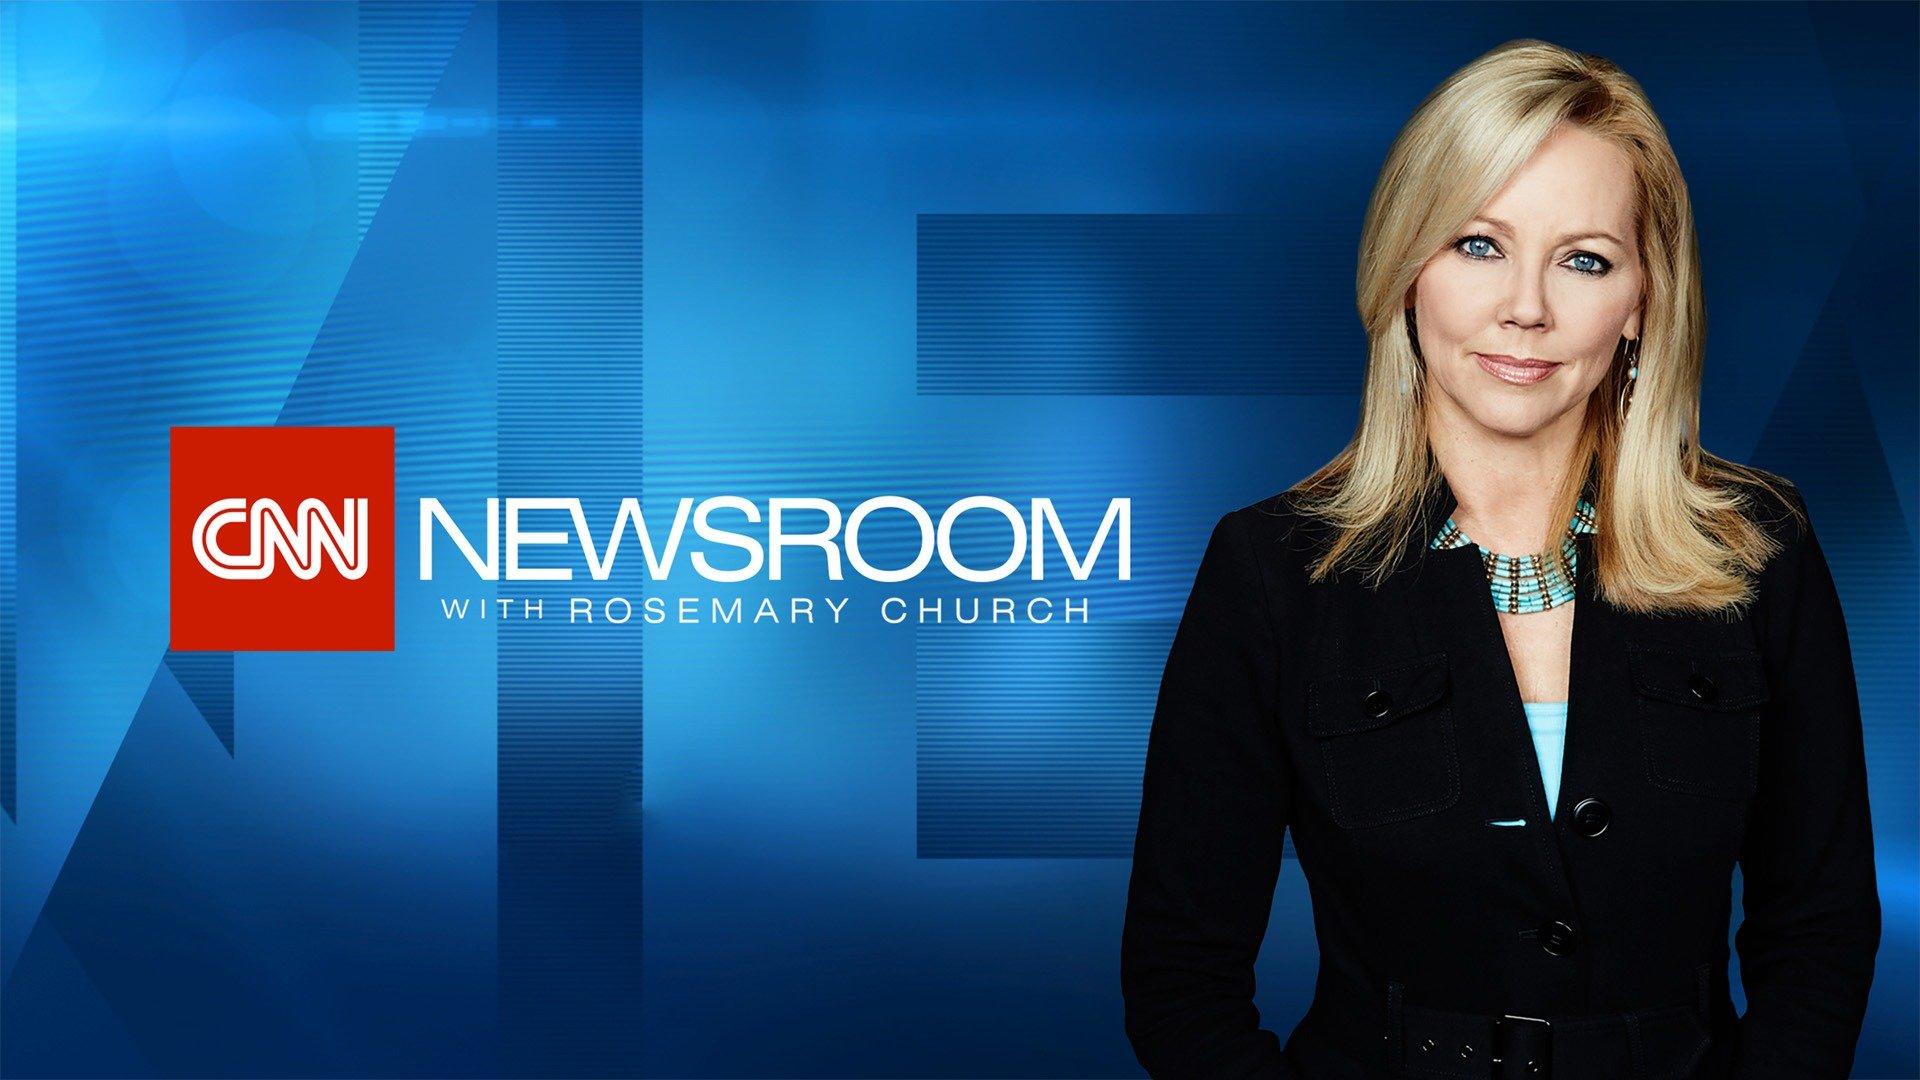 CNN Newsroom with Rosemary Church